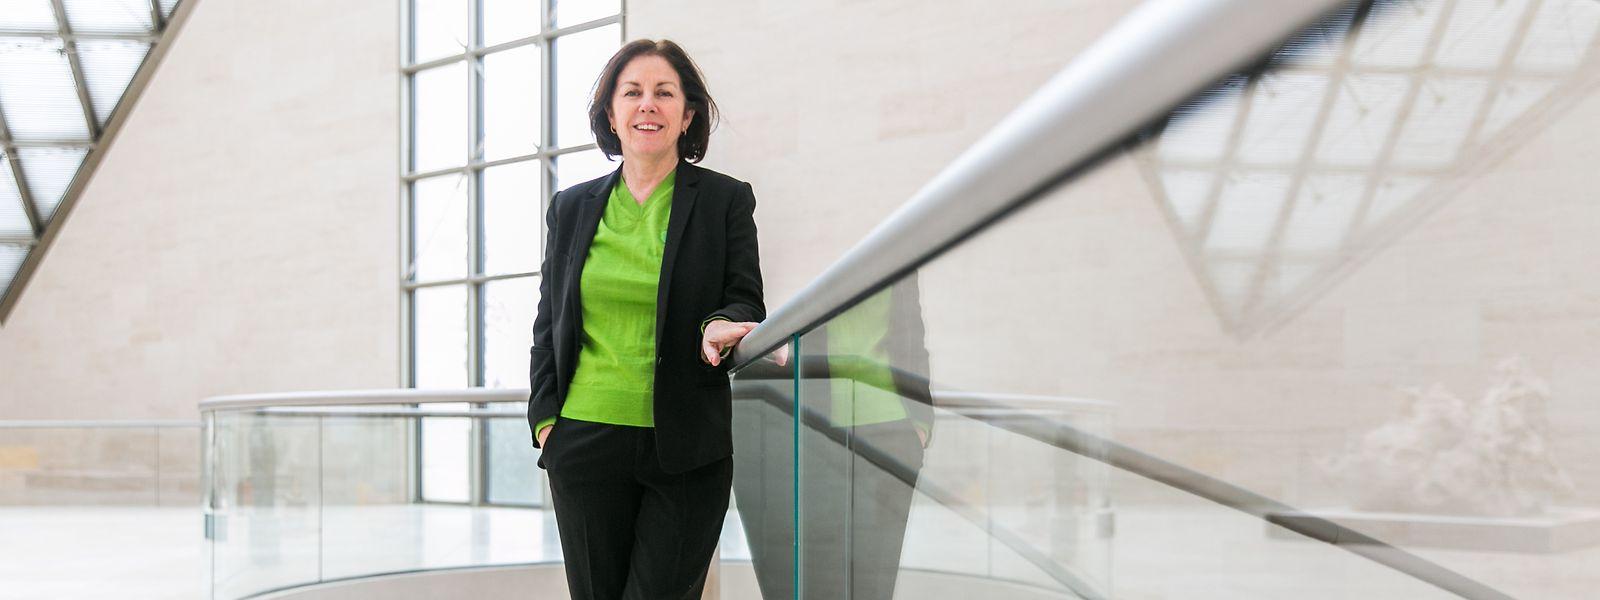 Suzanne Cotter übernahm die Nachfolge von Enrico Lunghi.